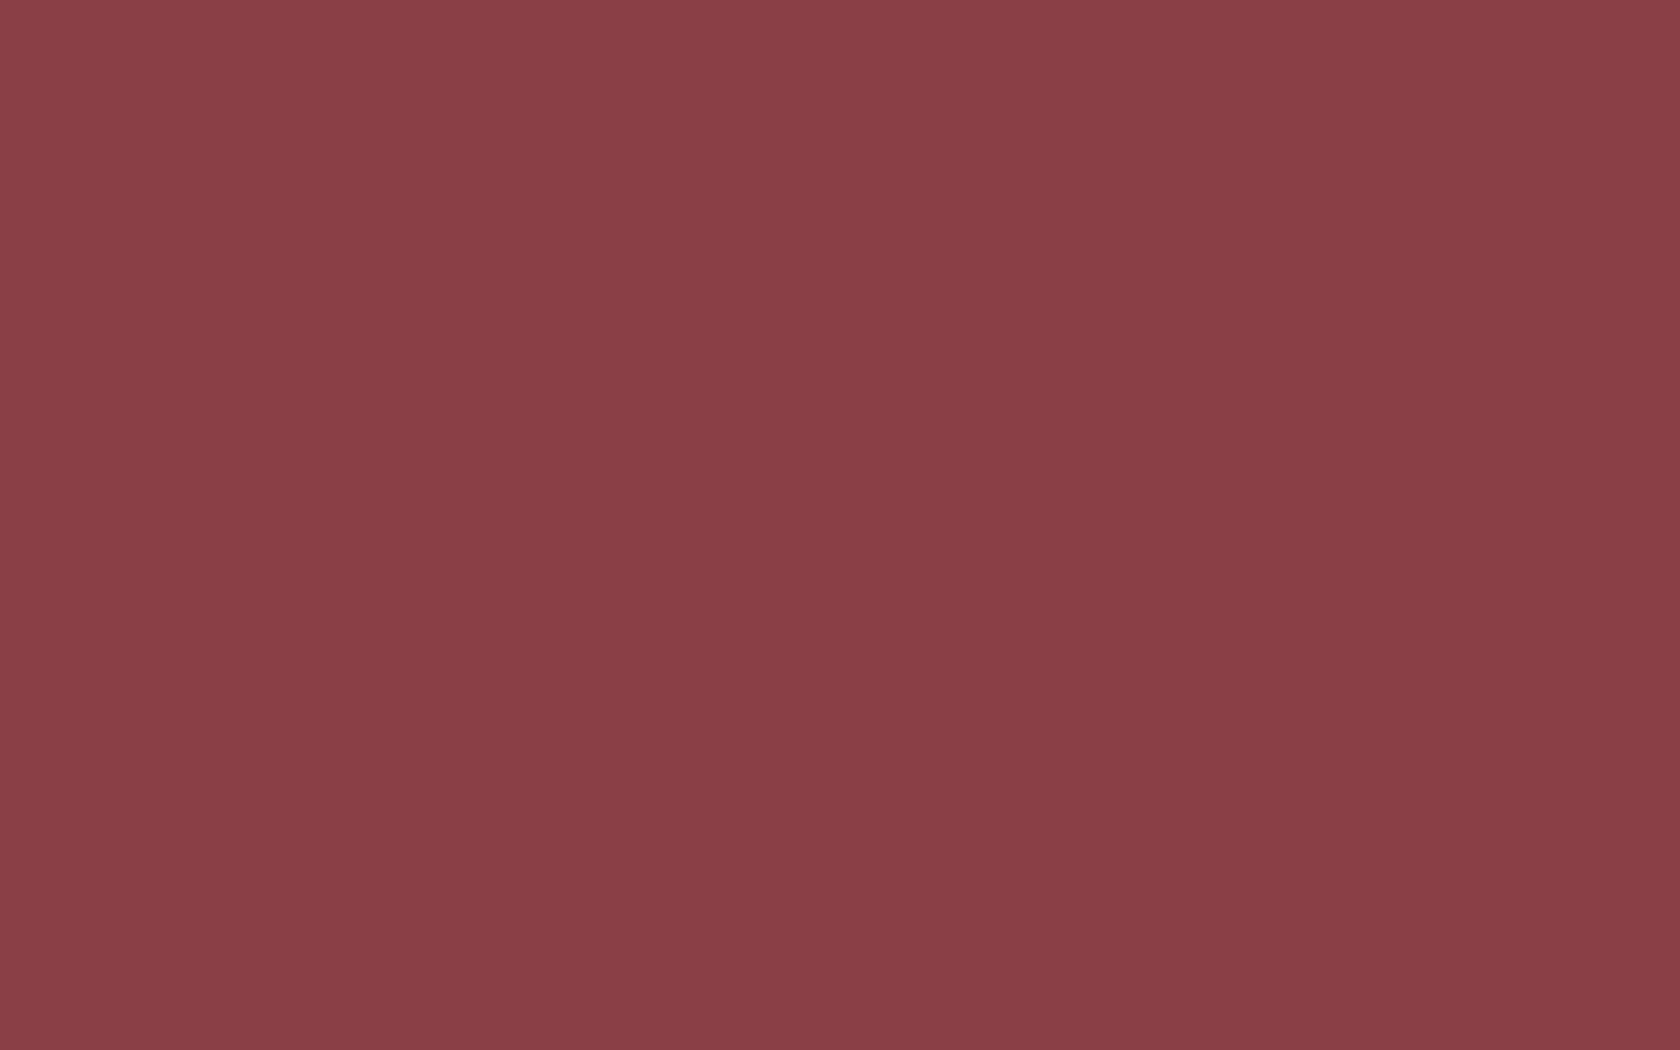 1680x1050 Cordovan Solid Color Background